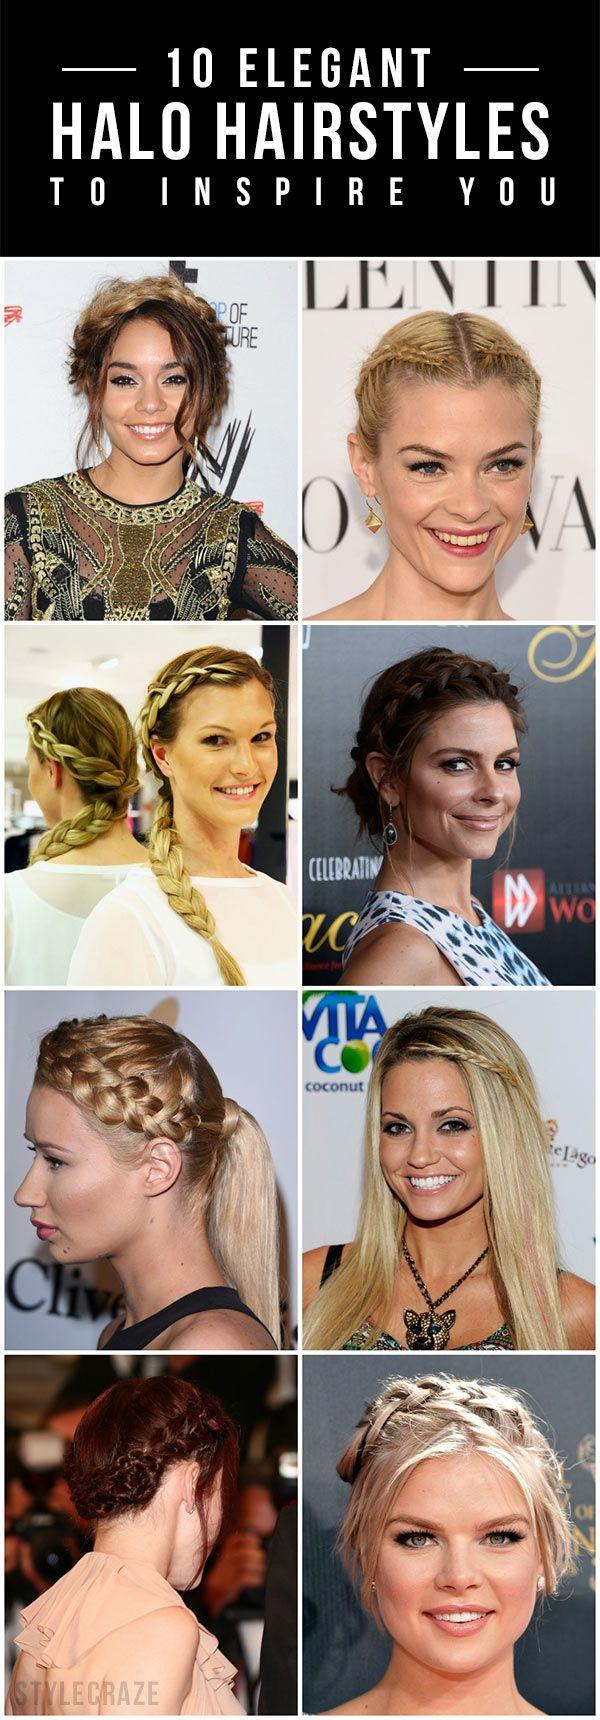 10 Elegante Halo Frisuren Sie zu inspirieren